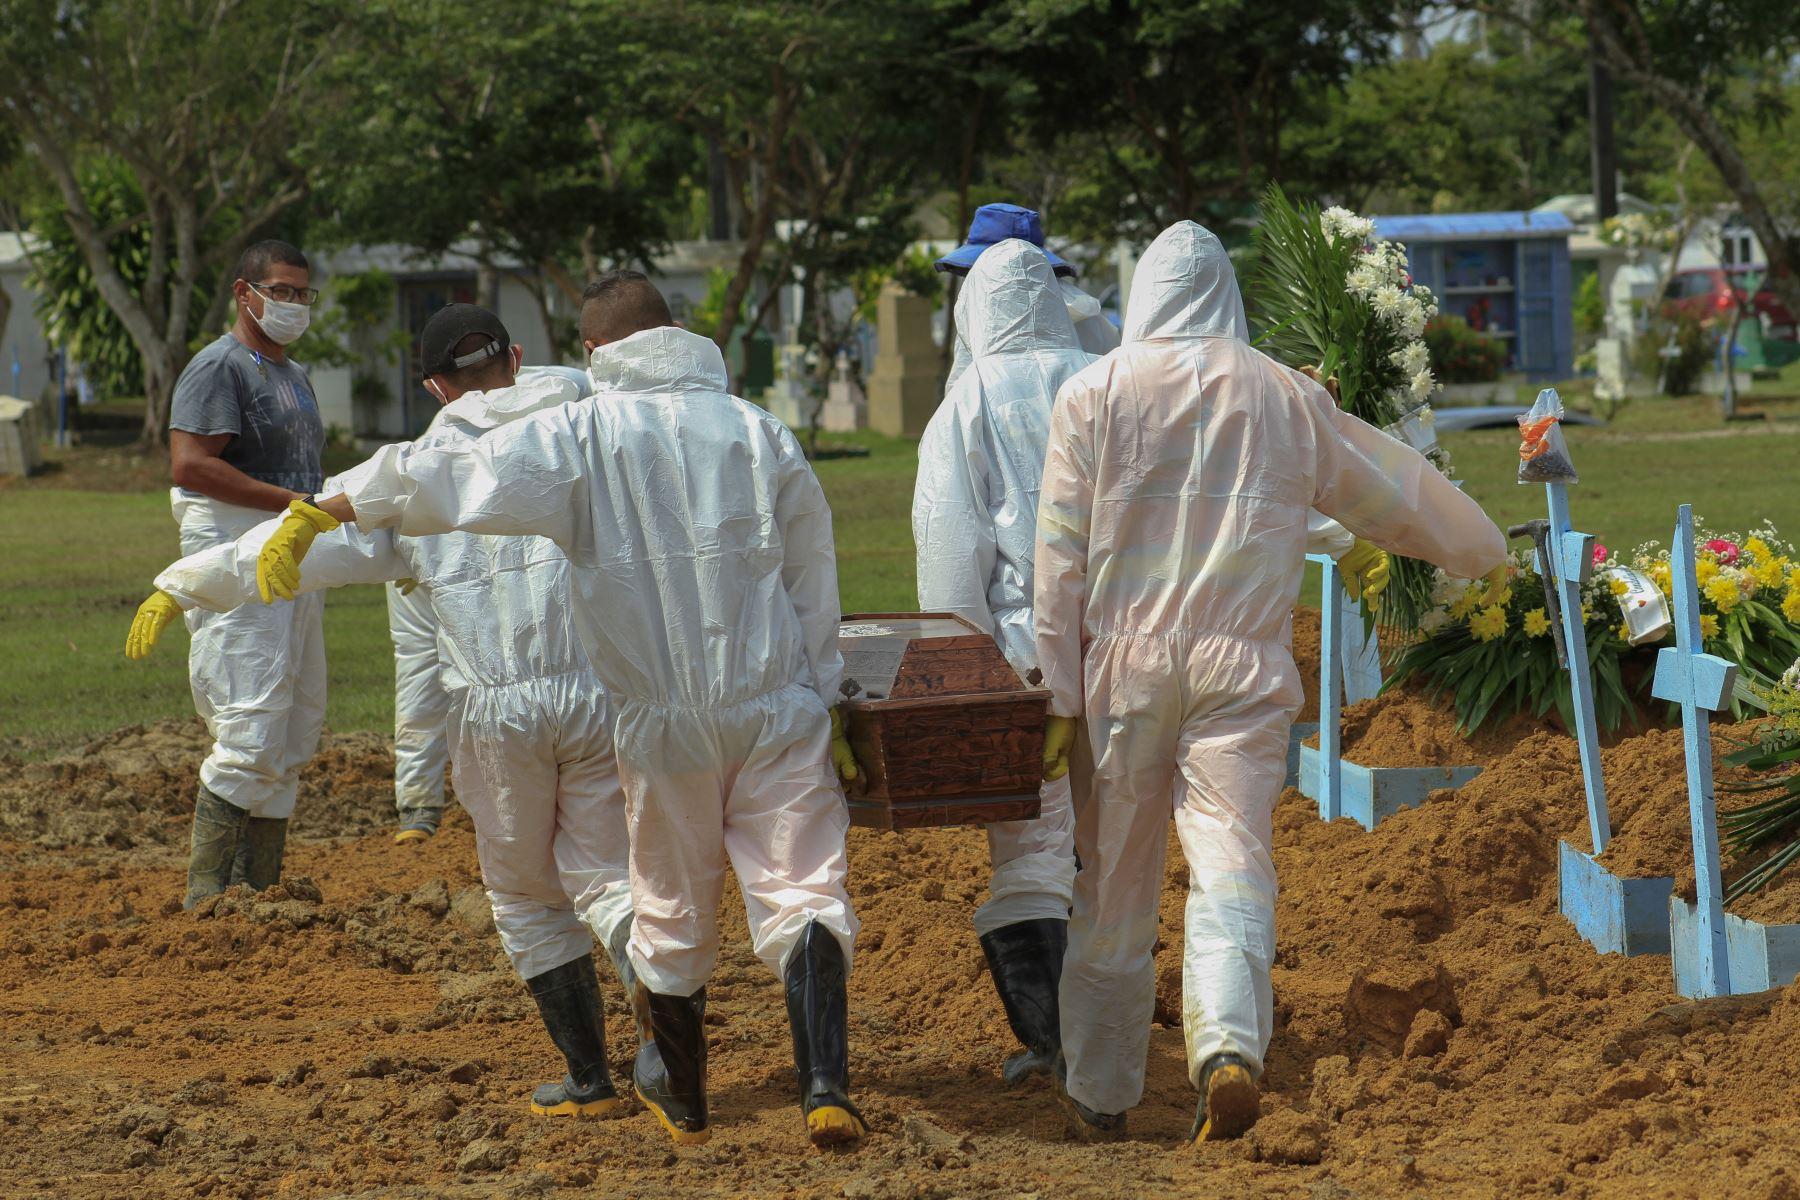 Sepultureros cargan el ataúd de una víctima del COVID-19 en el cementerio de Nossa Senhora Aparecida en Manaus, estado de Amazonas, Brasil, el 22 enero de 2021. Foto: AFP